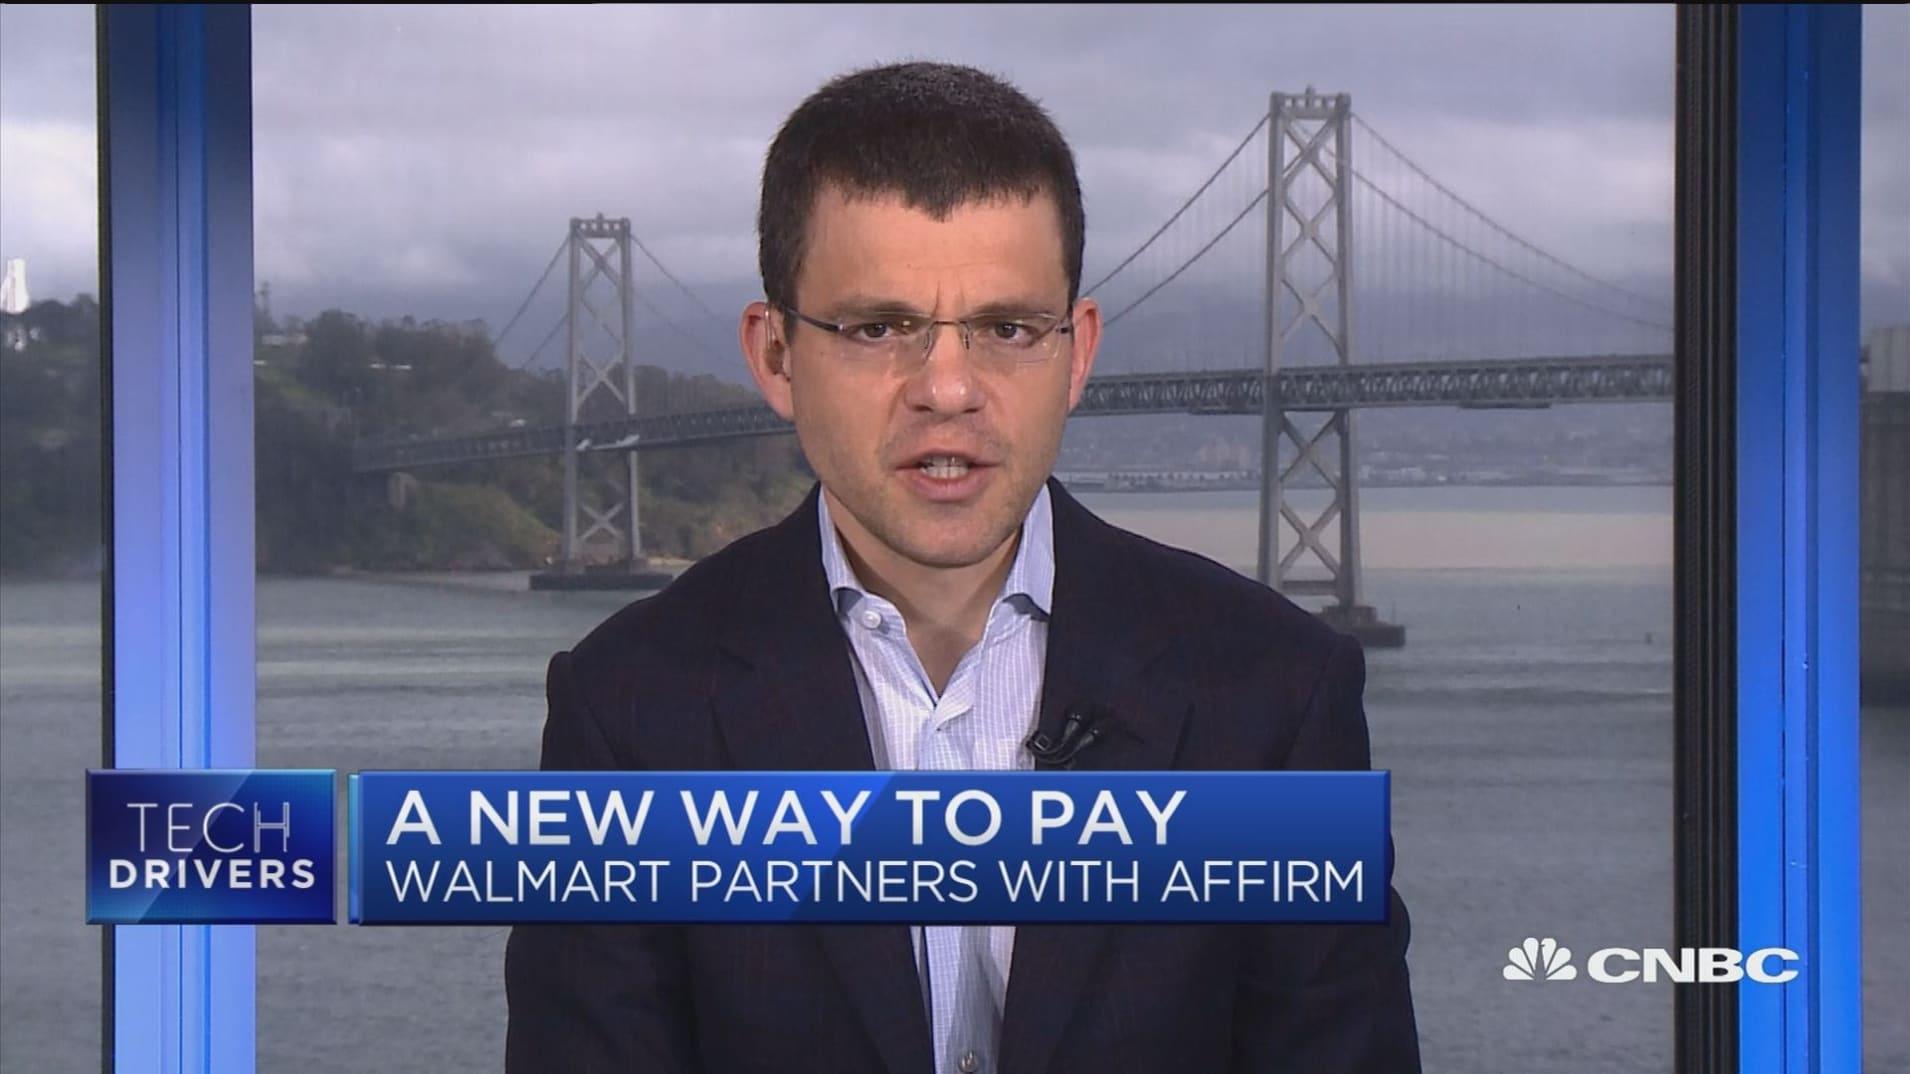 Loan app Affirm CEO breaks down new Walmart partnership